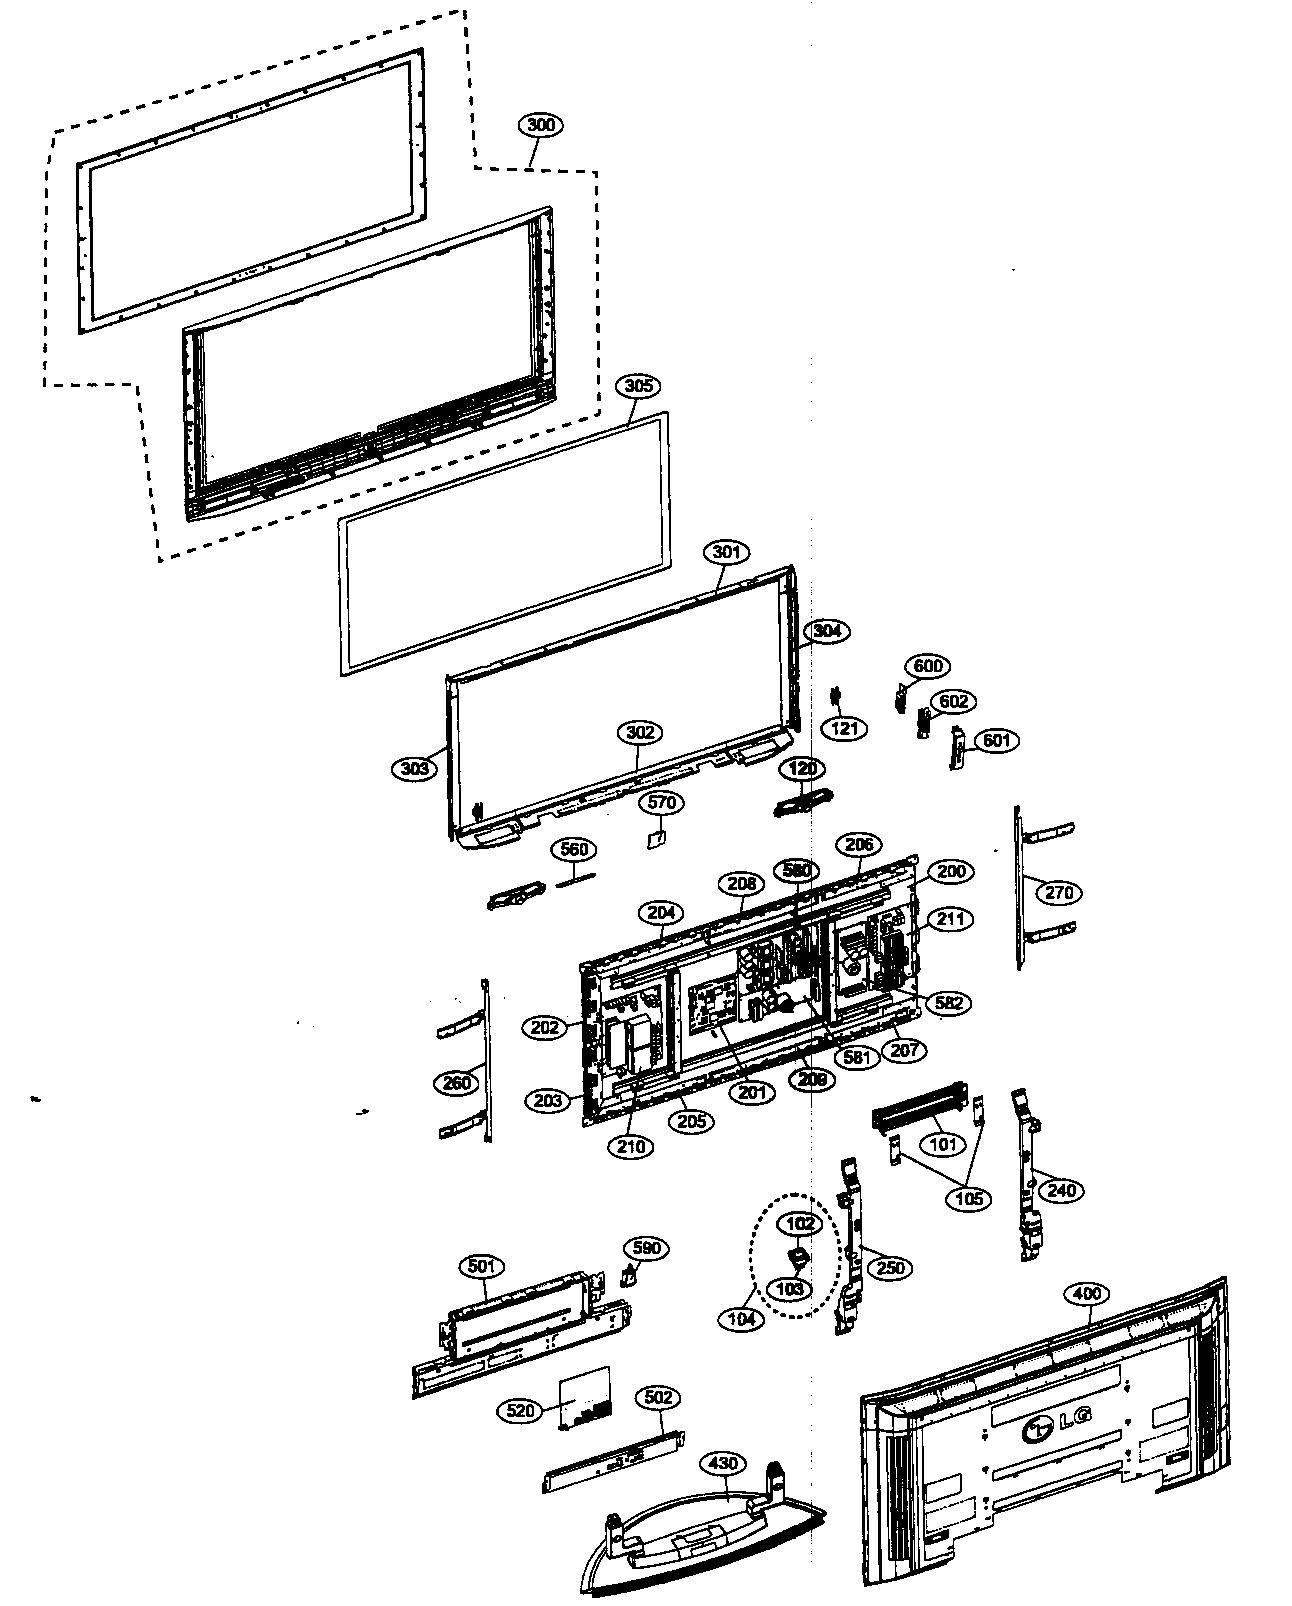 60 Inch Lg Plasma Tv Parts Diagram